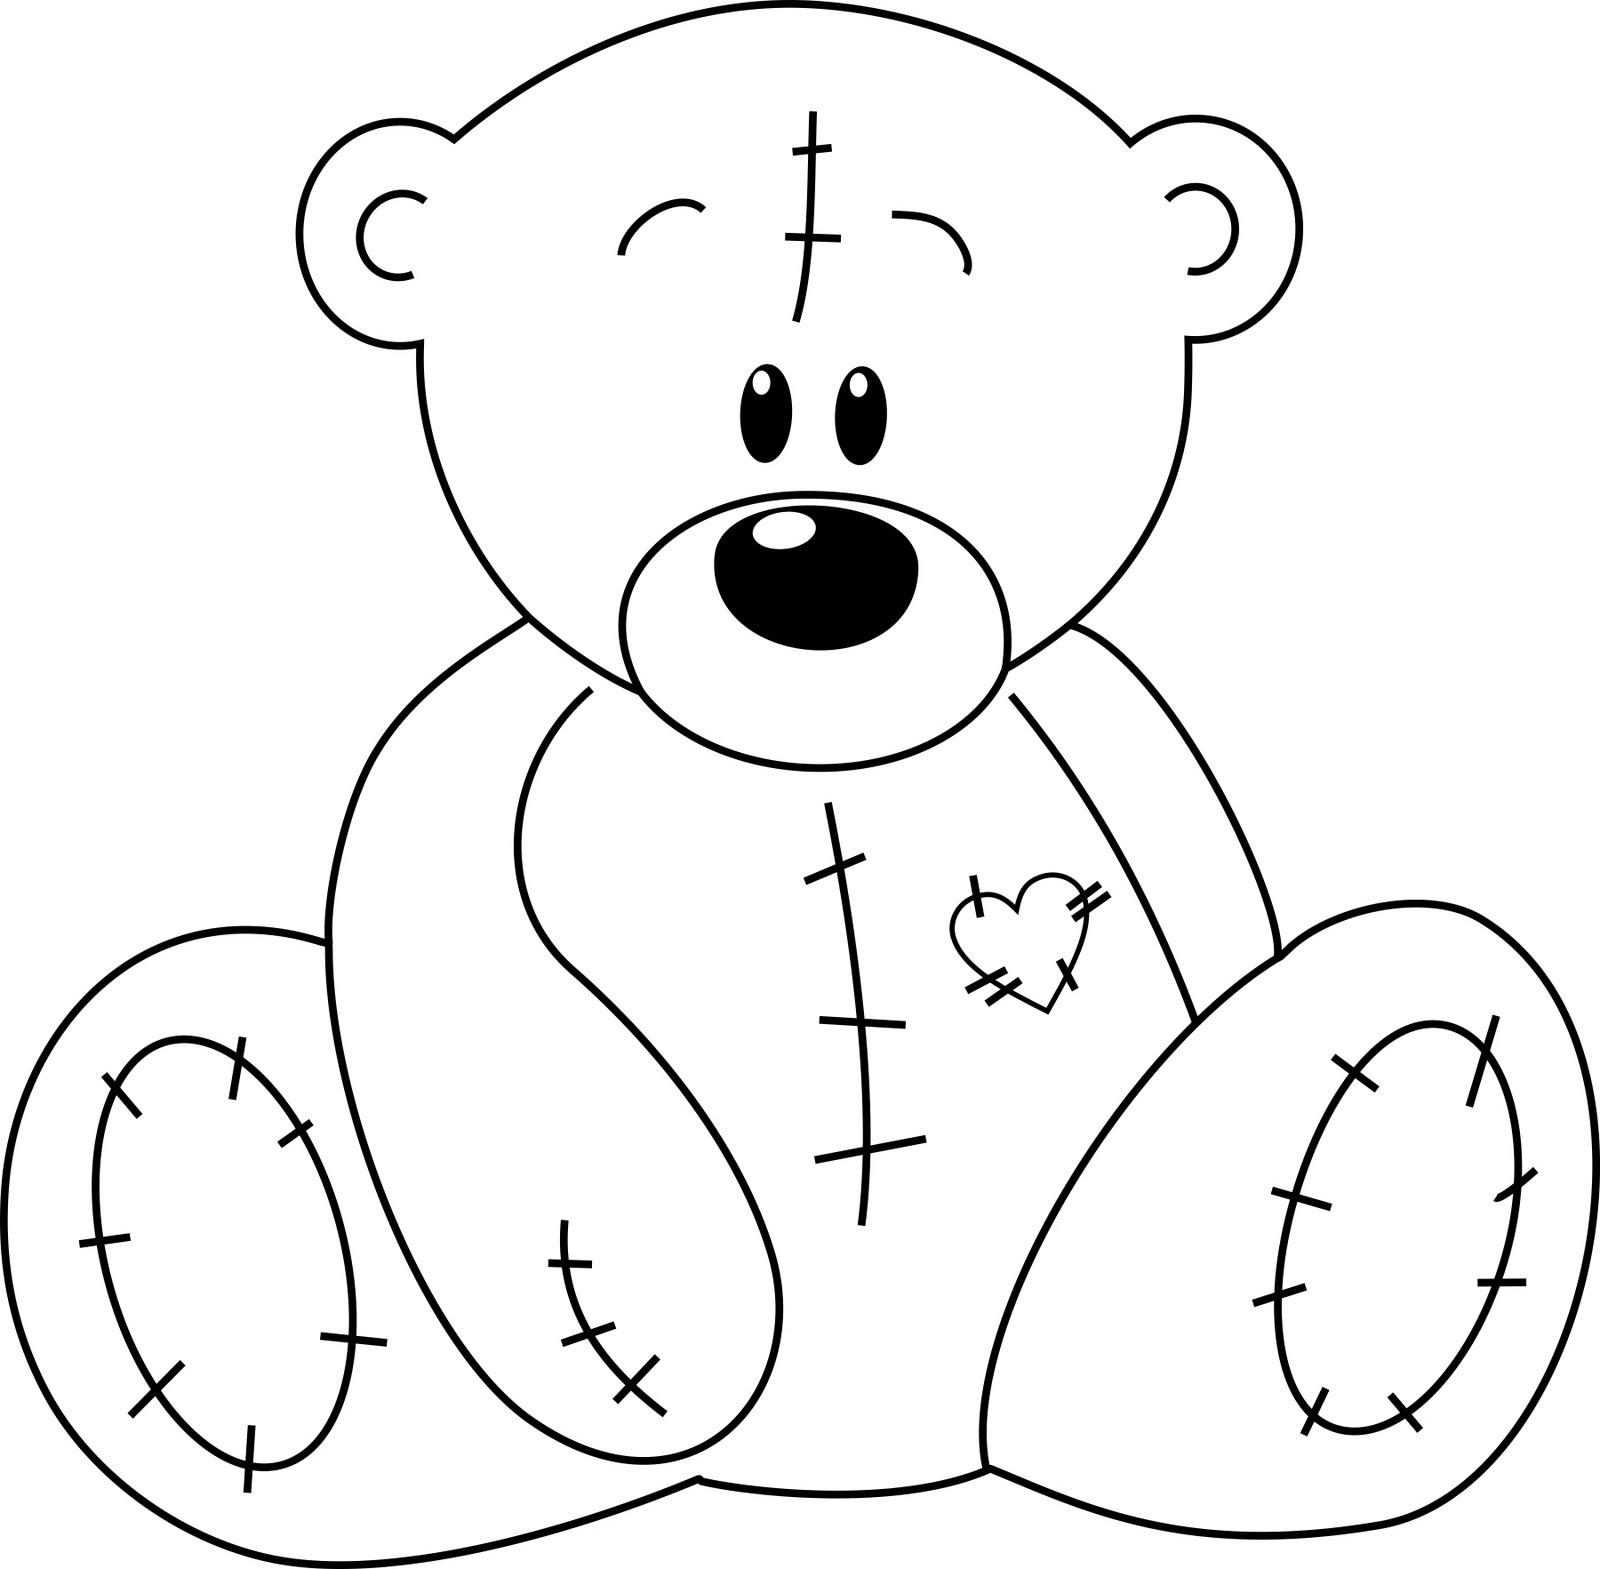 Outline Of Teddy Bear